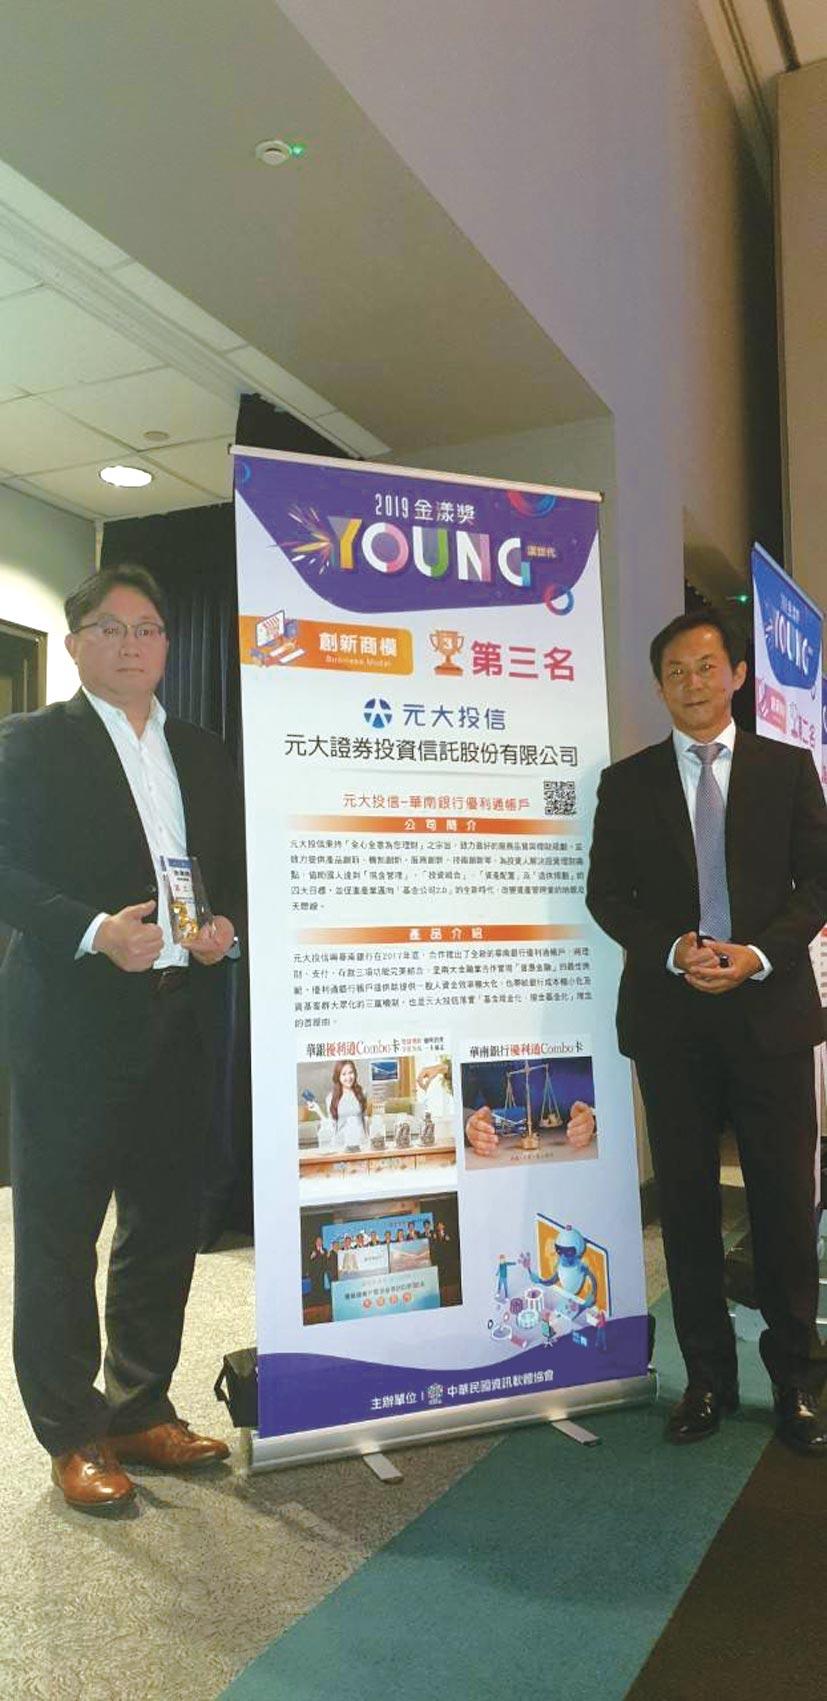 元大投信與華南銀行推出的優利通帳戶取得台灣區資訊軟體協會舉辦的金漾獎創新商模第三名的殊榮。左為元大投信董事長劉宗聖。圖/業者提供